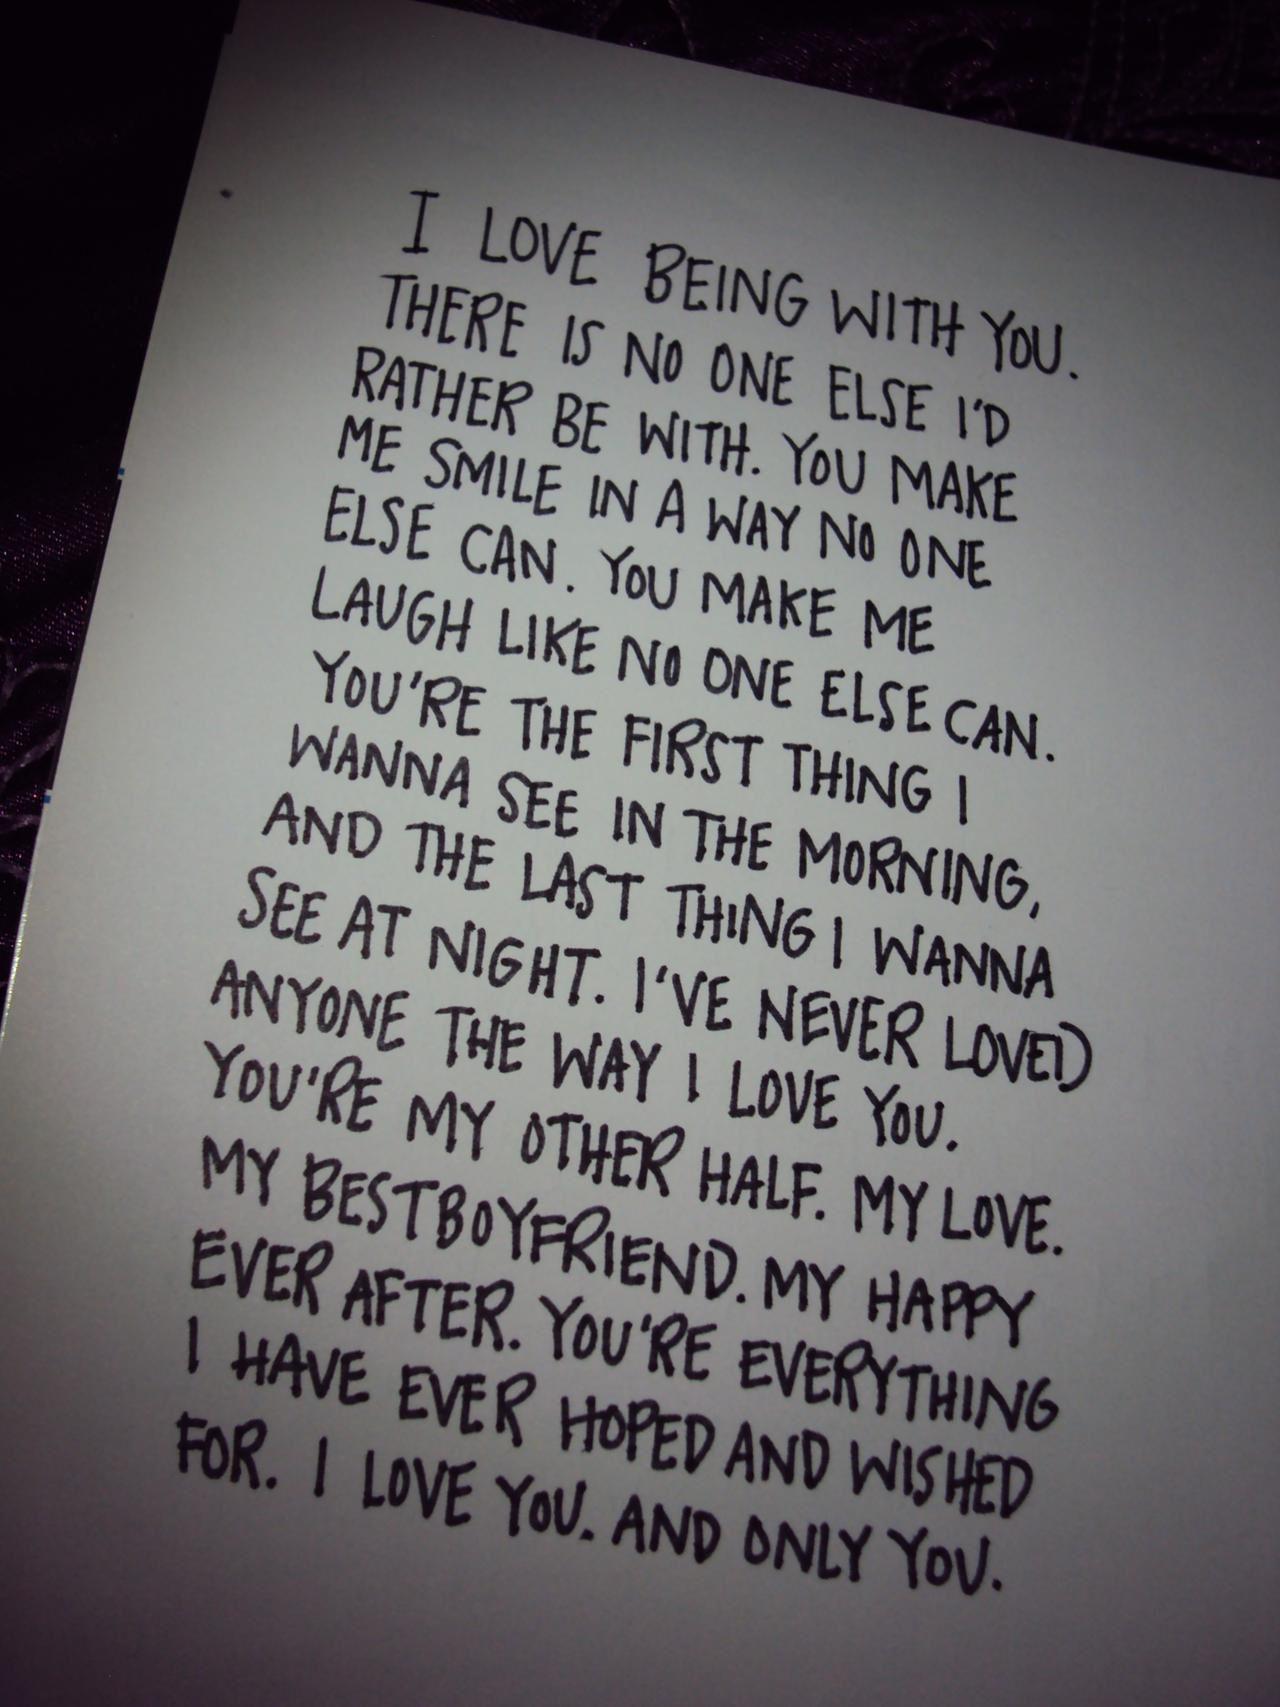 Love Letter Quotes For Him Image From Httpwww.skodnwpcontentuploadslovenotesfor